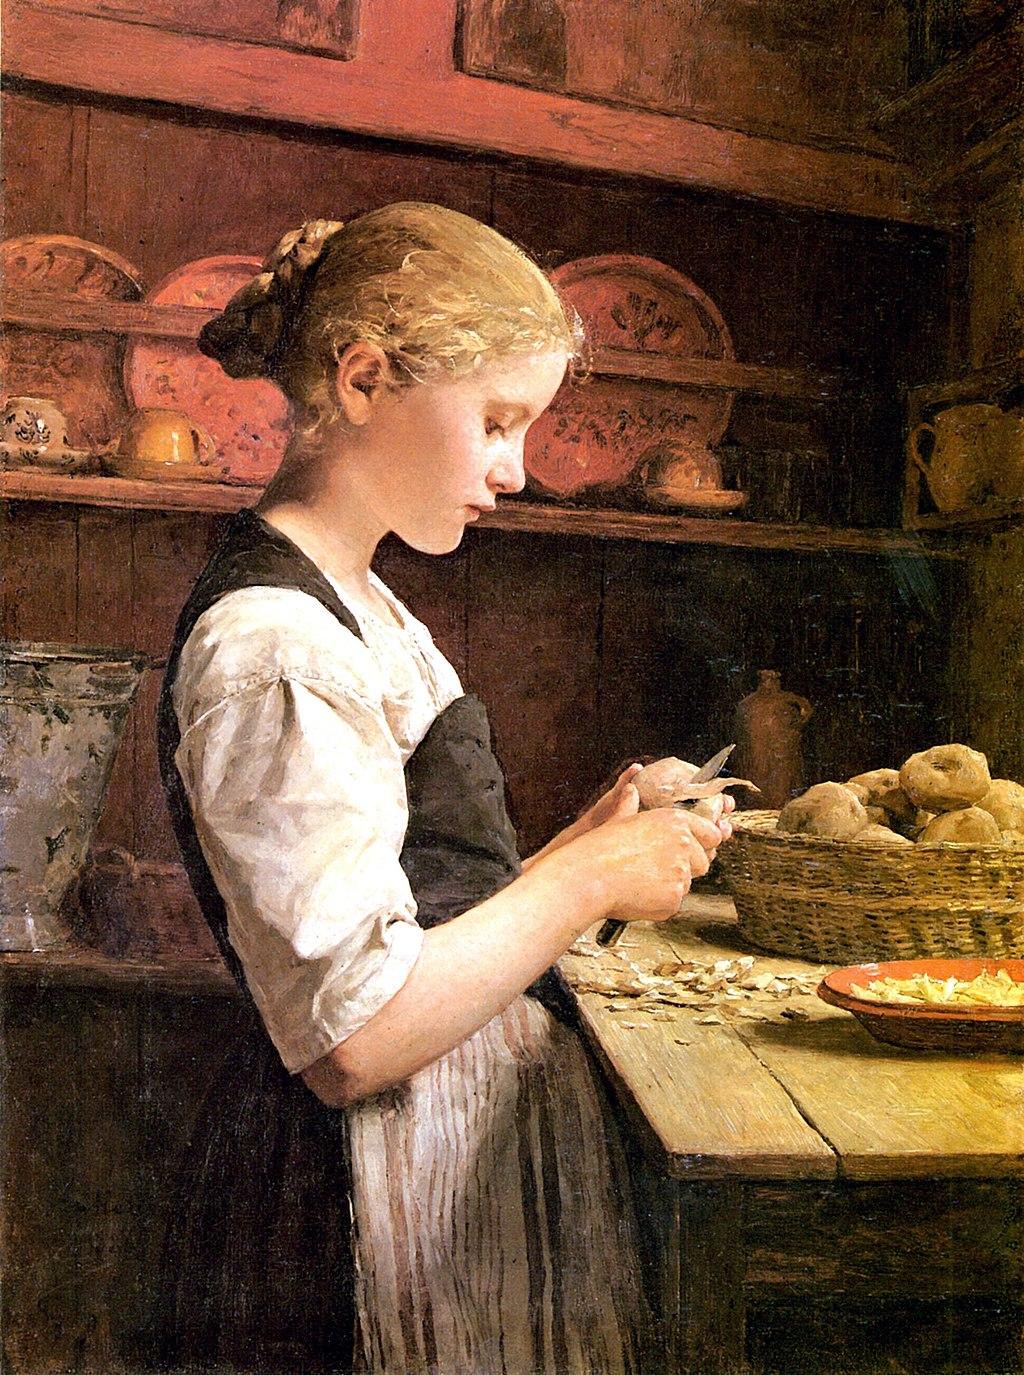 Albert Samuel Anker - Potato-Peeling Girl